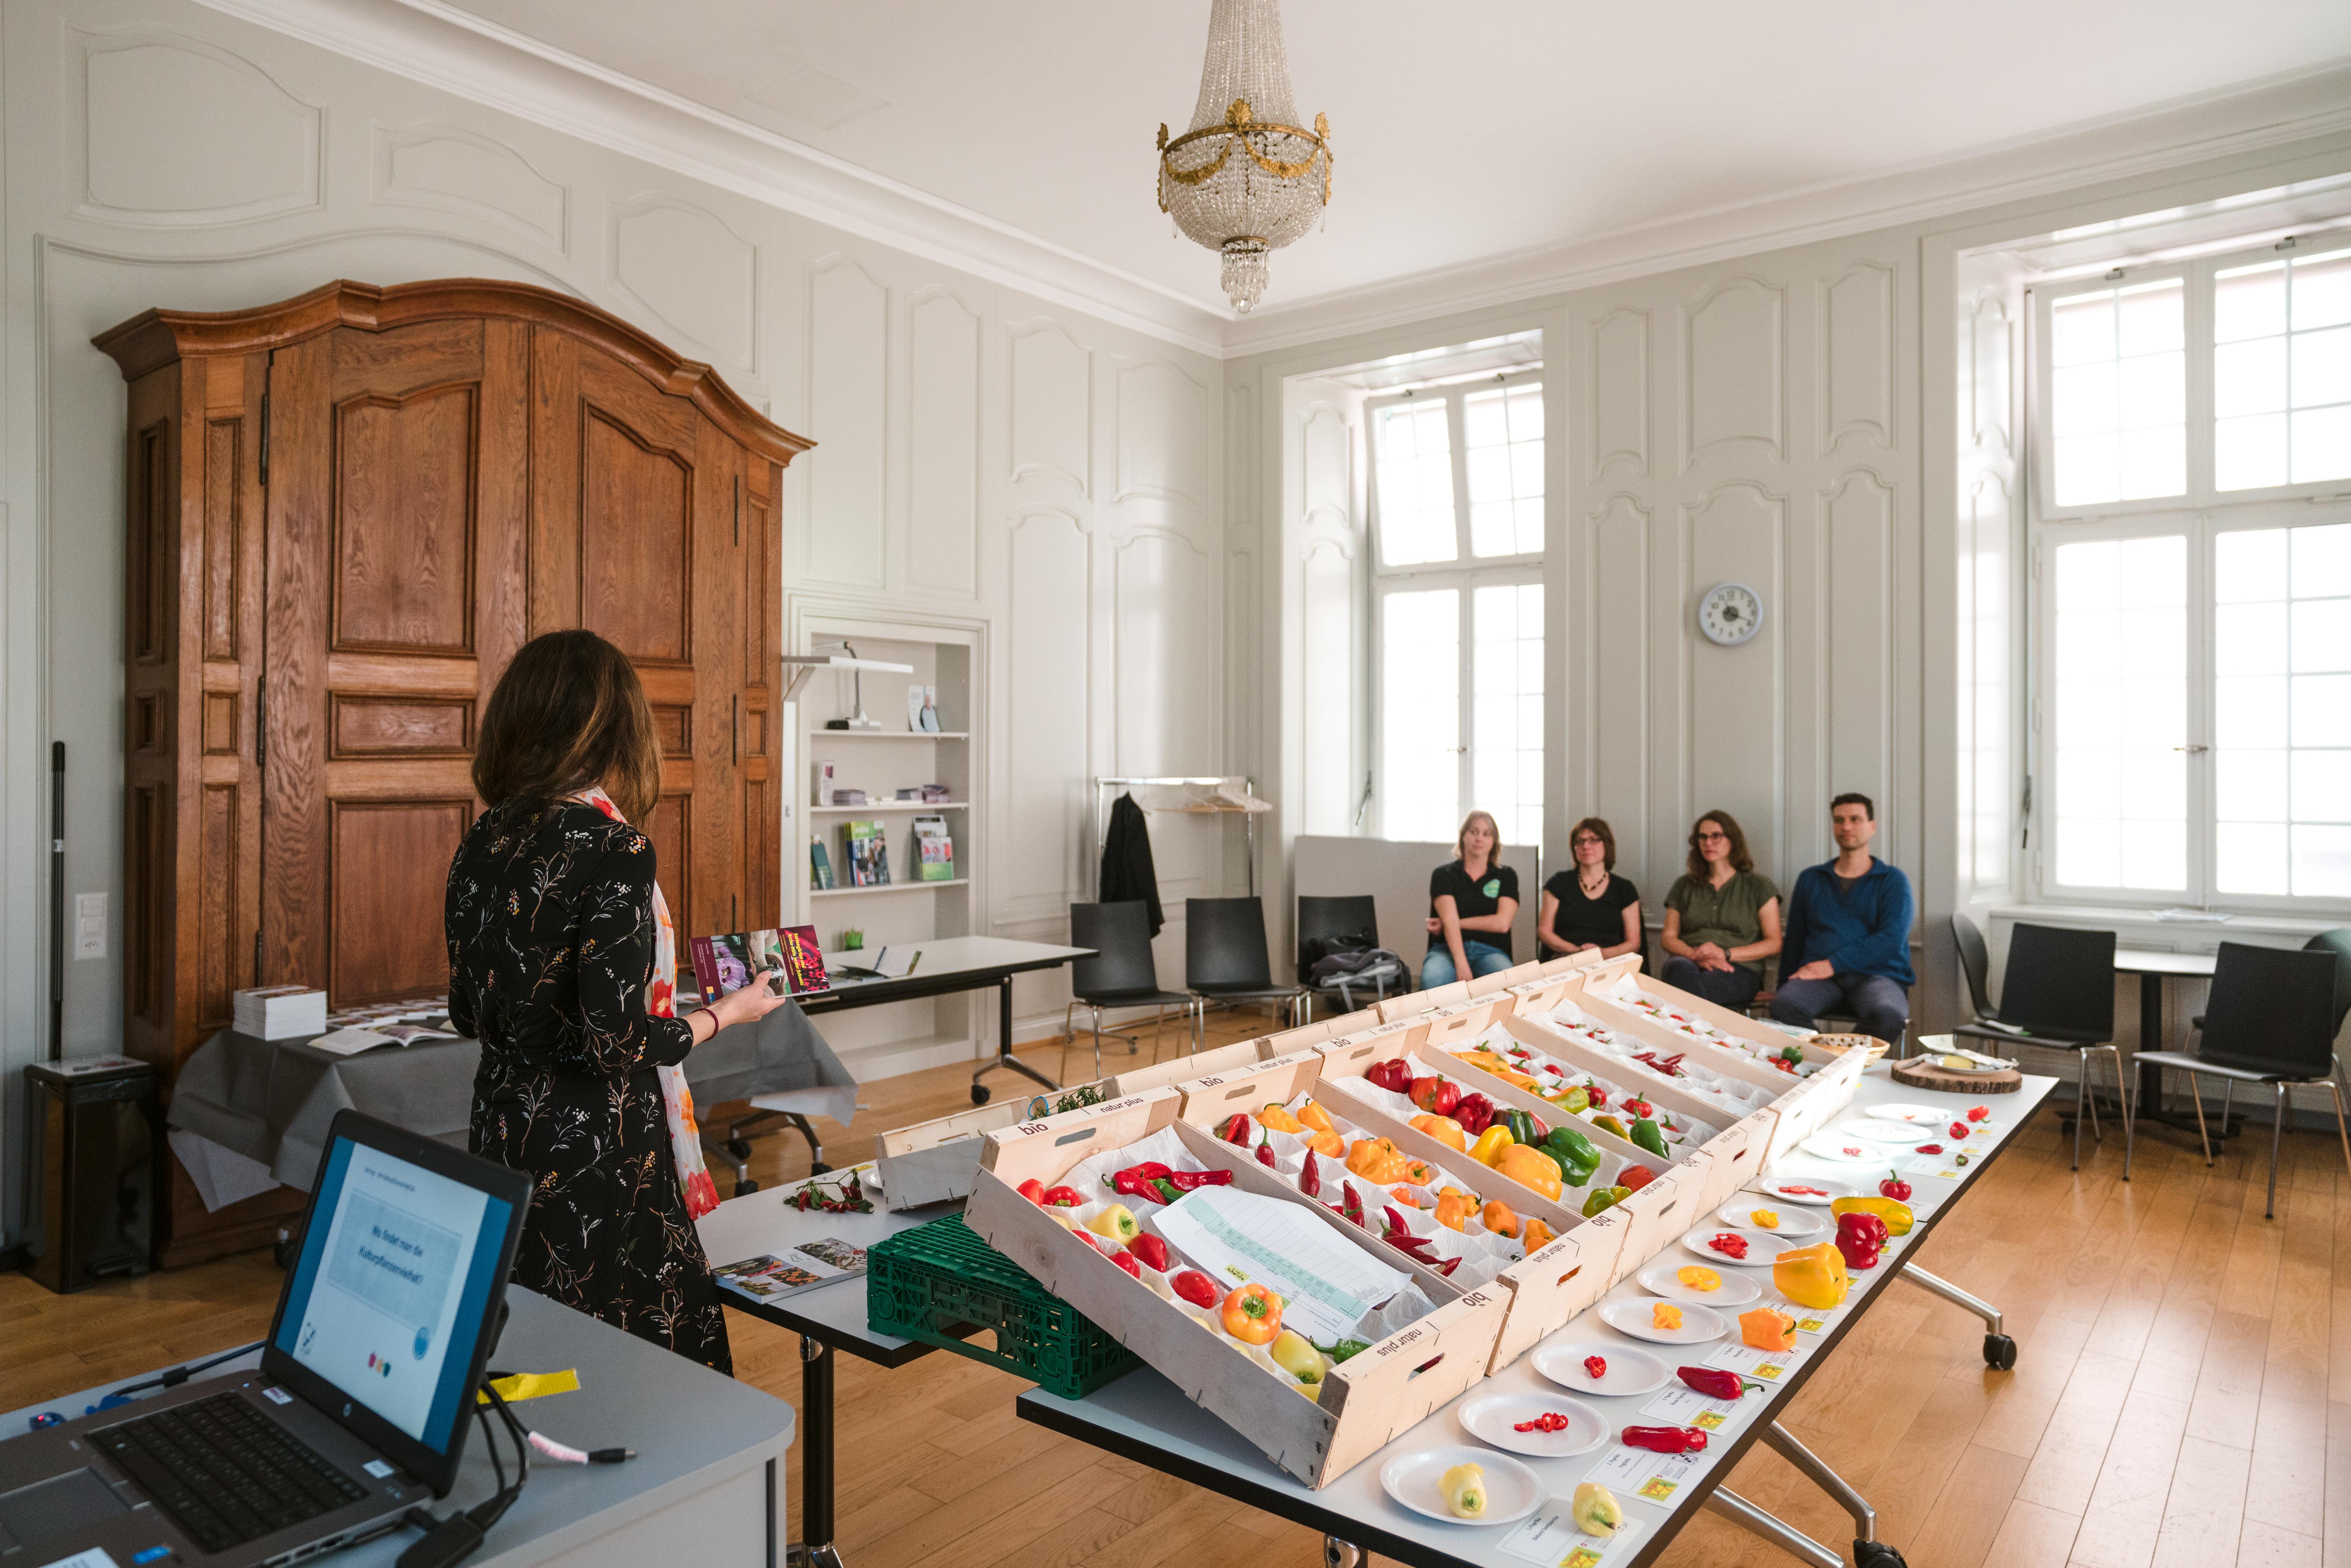 Kulinata_Workshops_OK